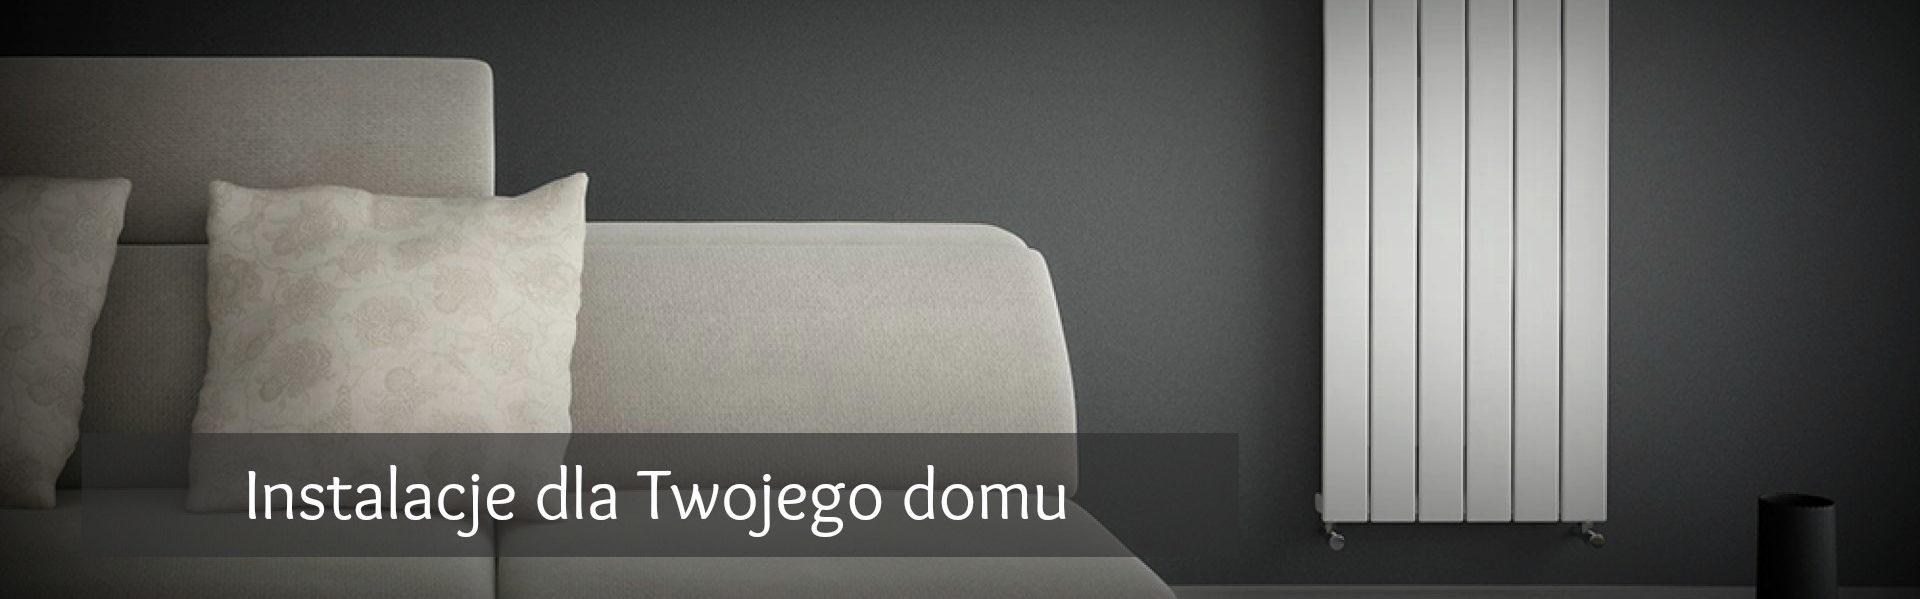 ogrzewanie24.pl